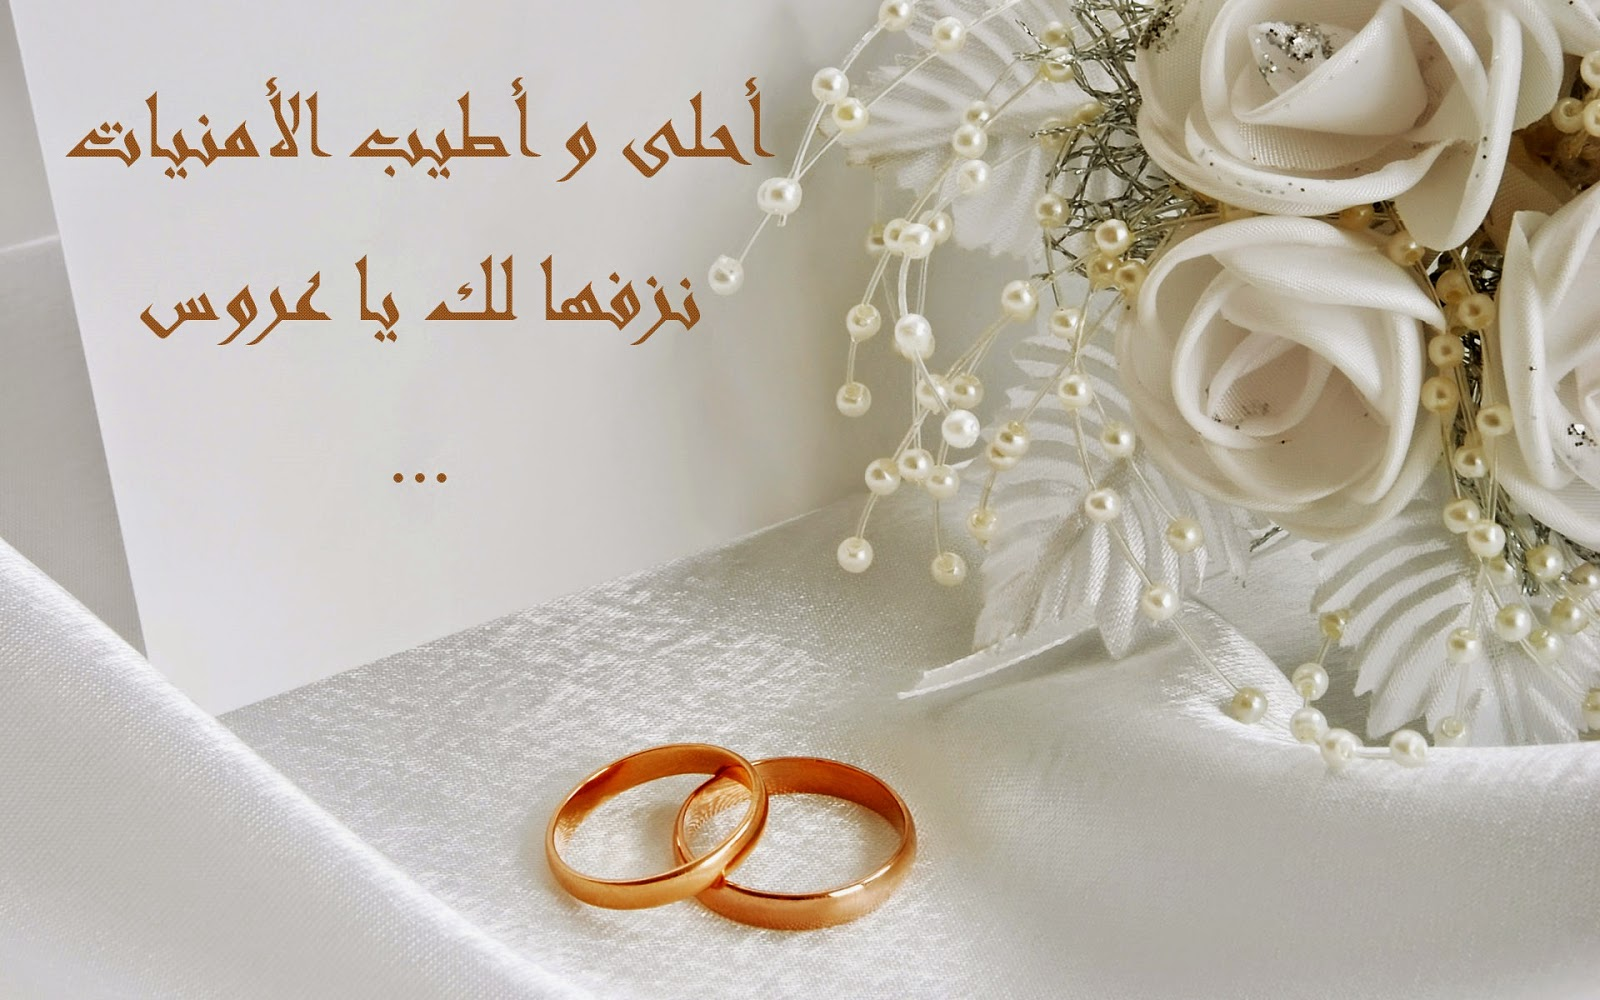 رسائل تهنئة لأخي بالزواج المبارك مجلة رجيم